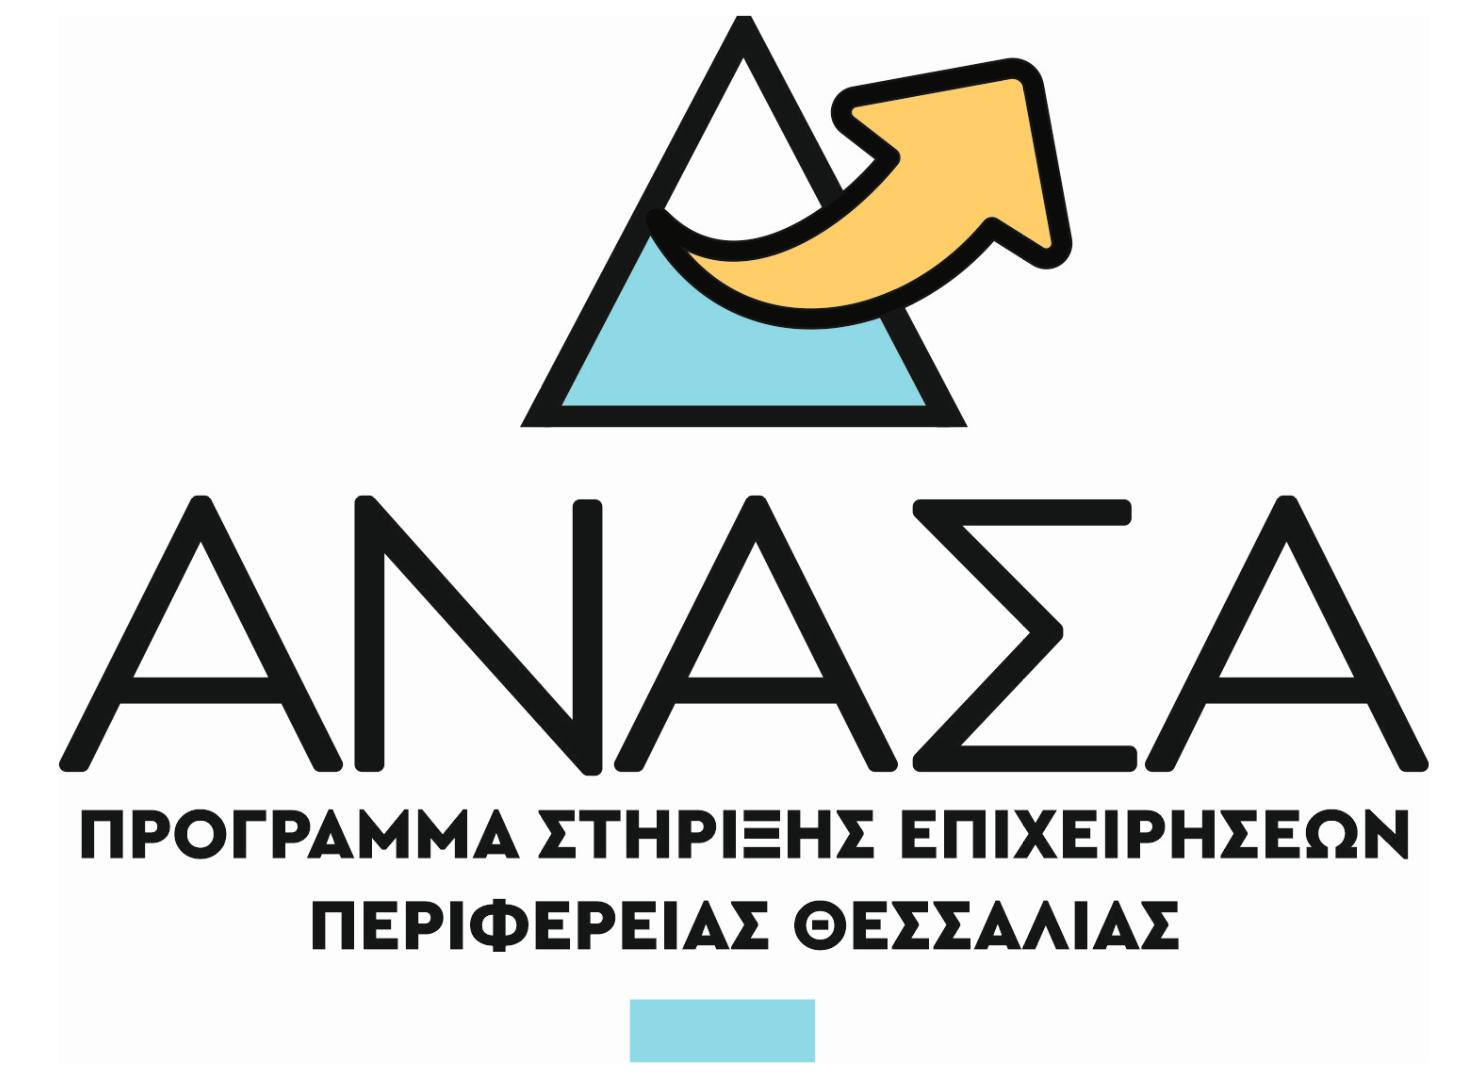 anasa image